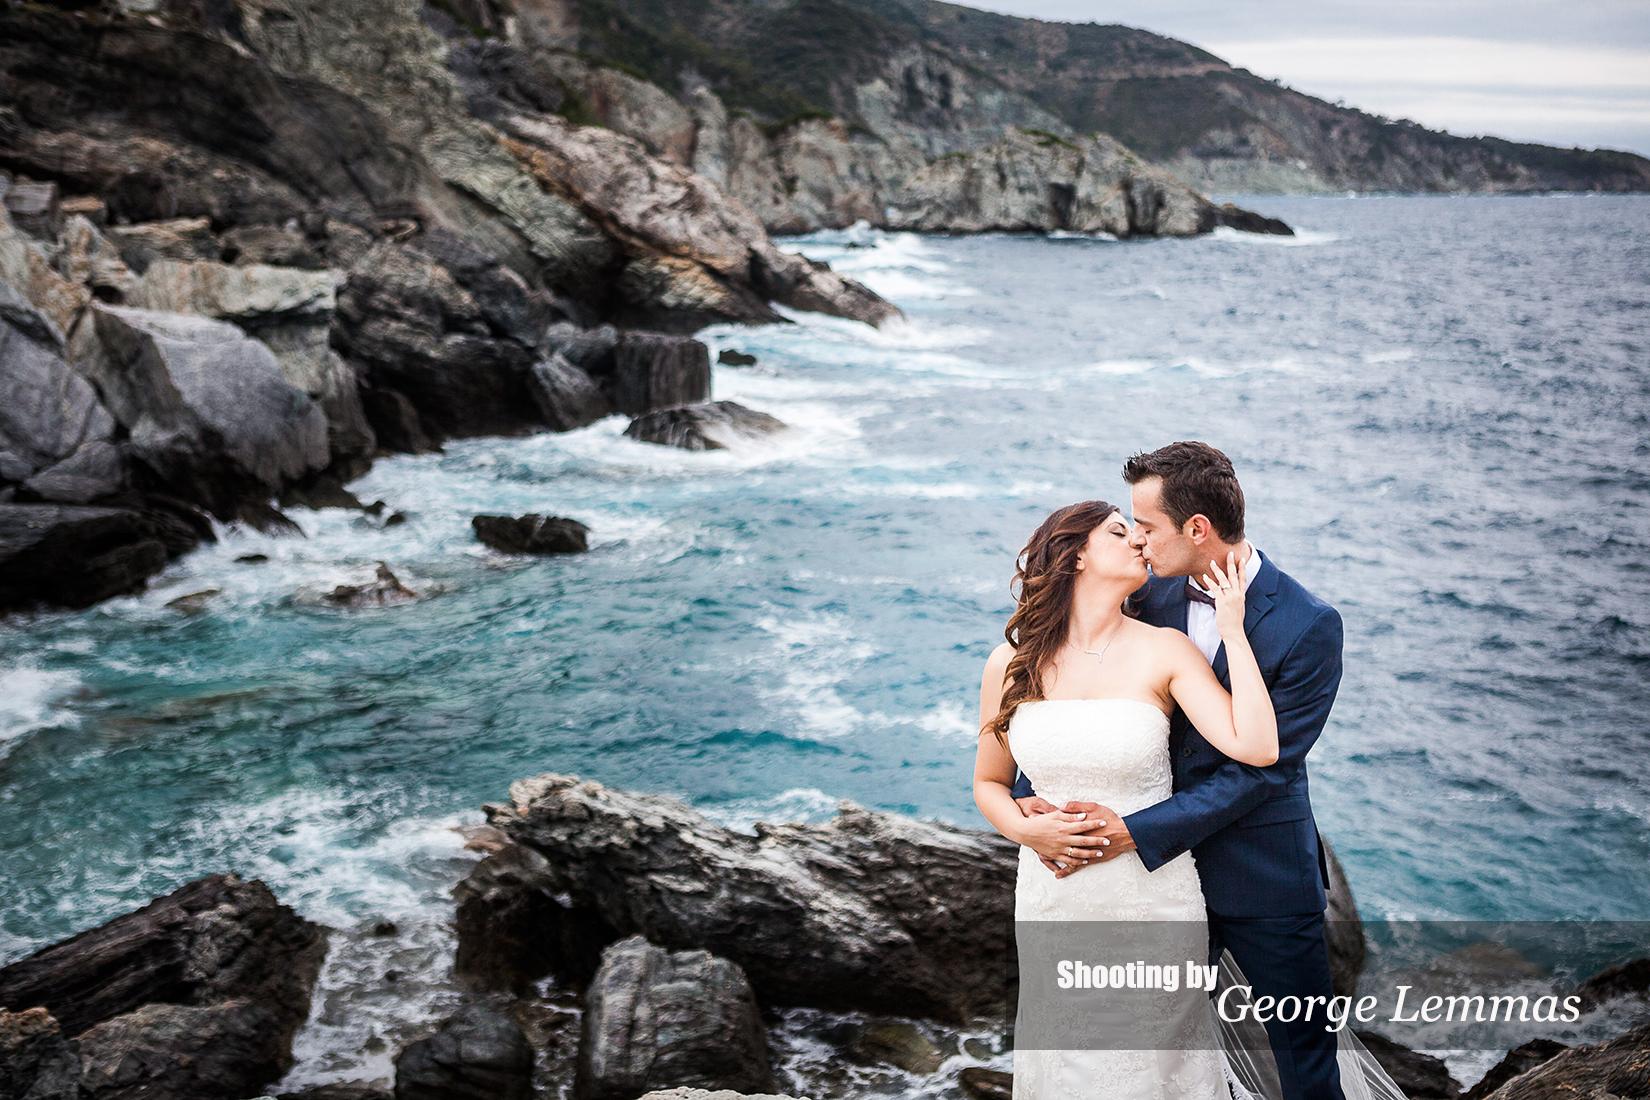 1 βραβειο στην φωτογραφια Βαπτισης για το 2017 σε Διεθνη Διαγωνισμο Φωτογραφιας Photo Wedding